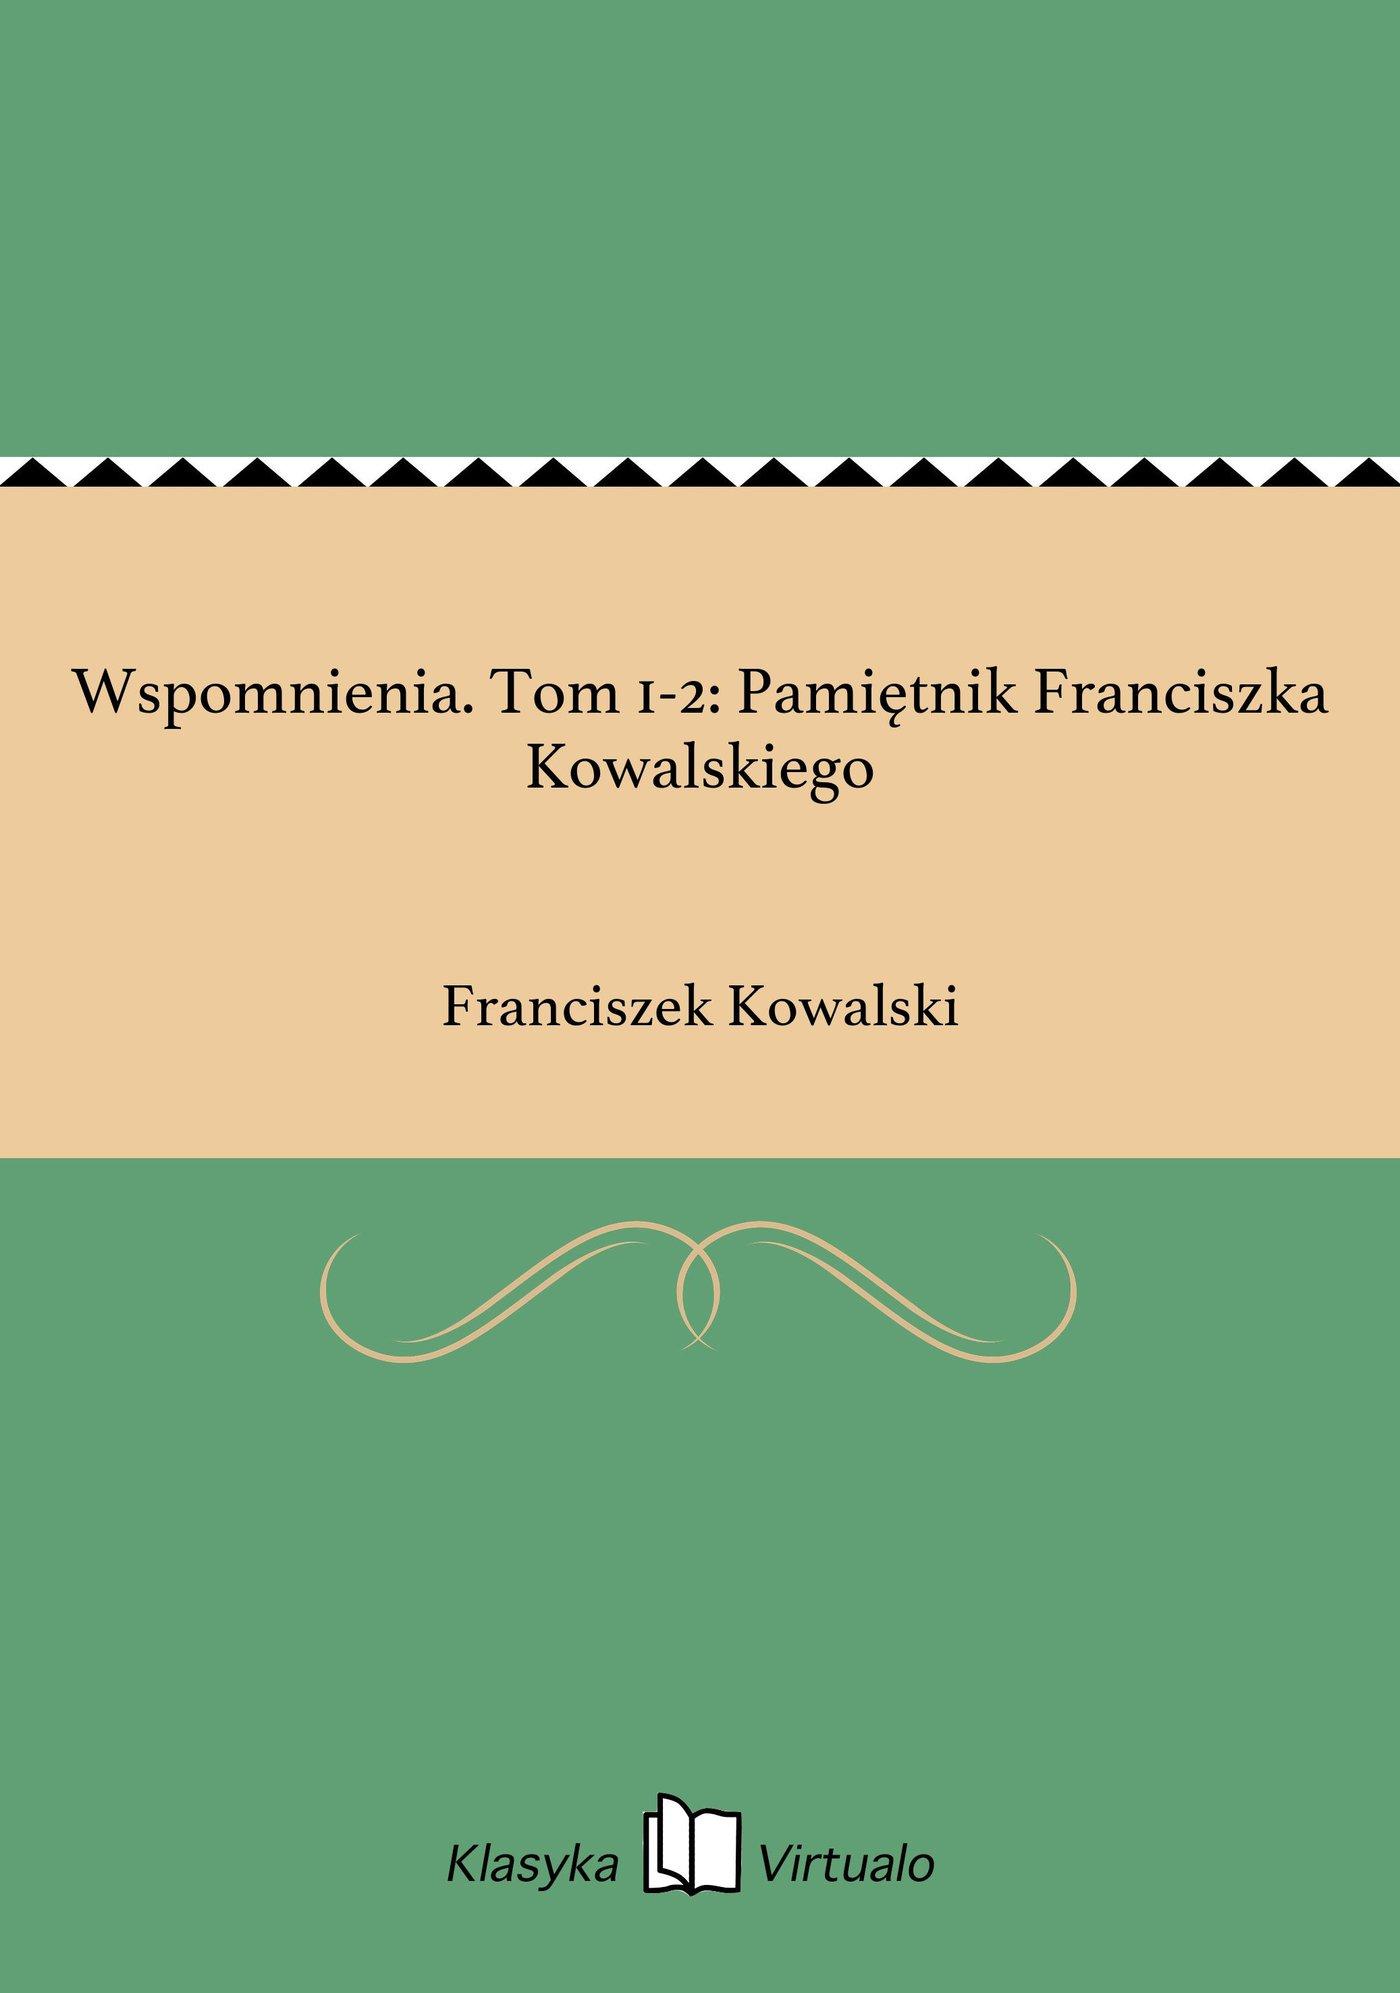 Wspomnienia. Tom 1-2: Pamiętnik Franciszka Kowalskiego - Ebook (Książka EPUB) do pobrania w formacie EPUB